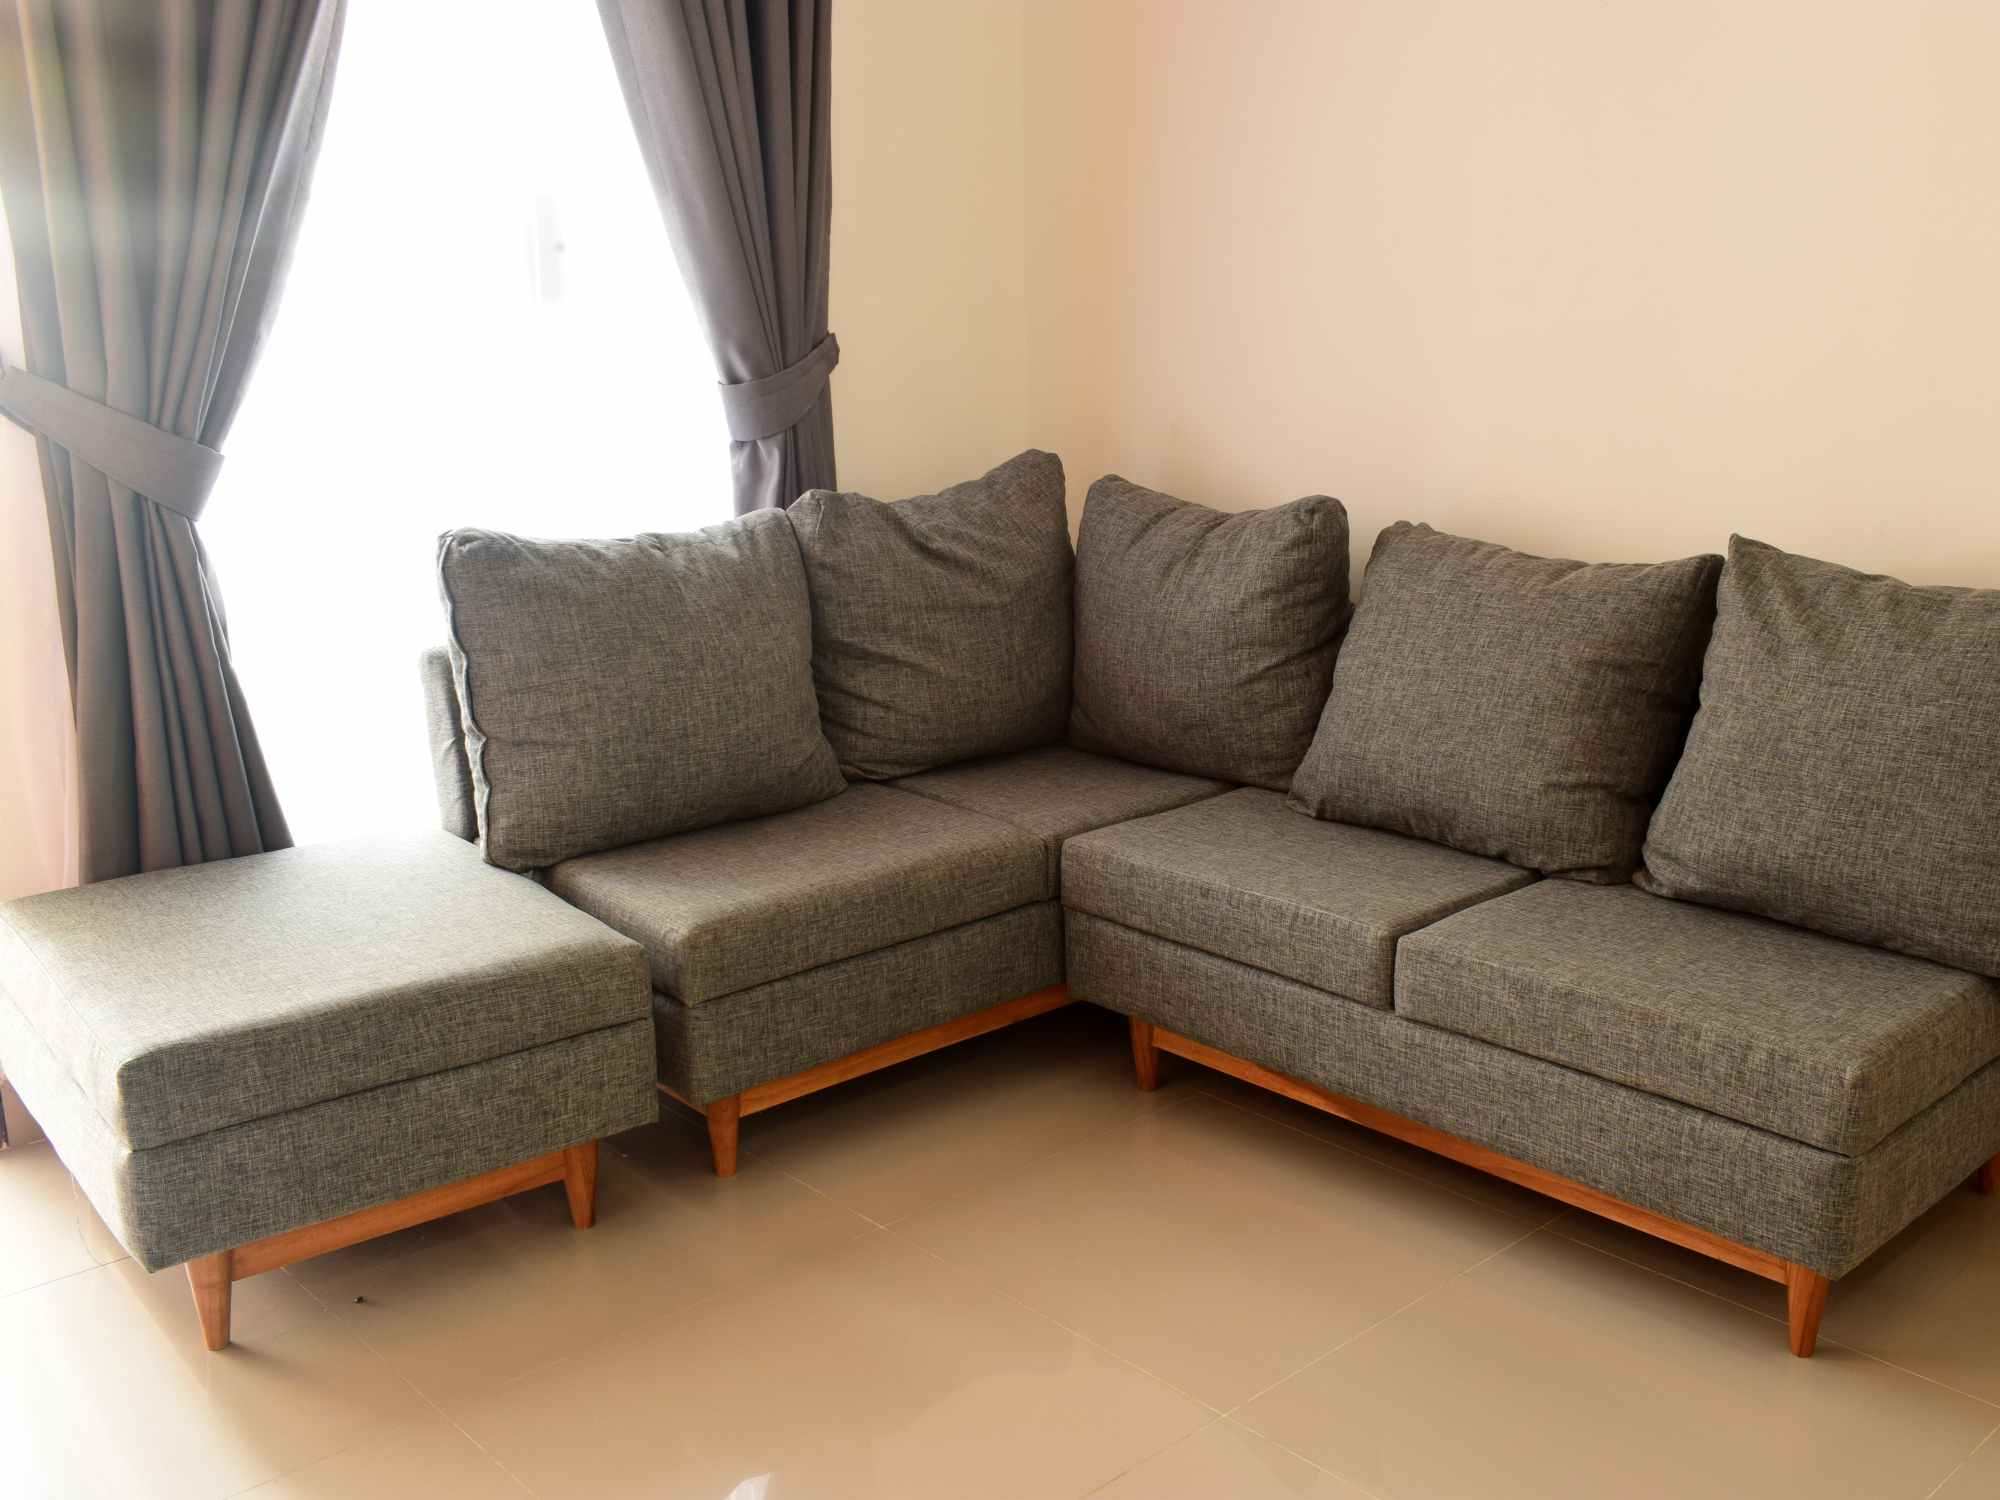 5 Desain Sofa Ruang Keluarga | SARAÈ